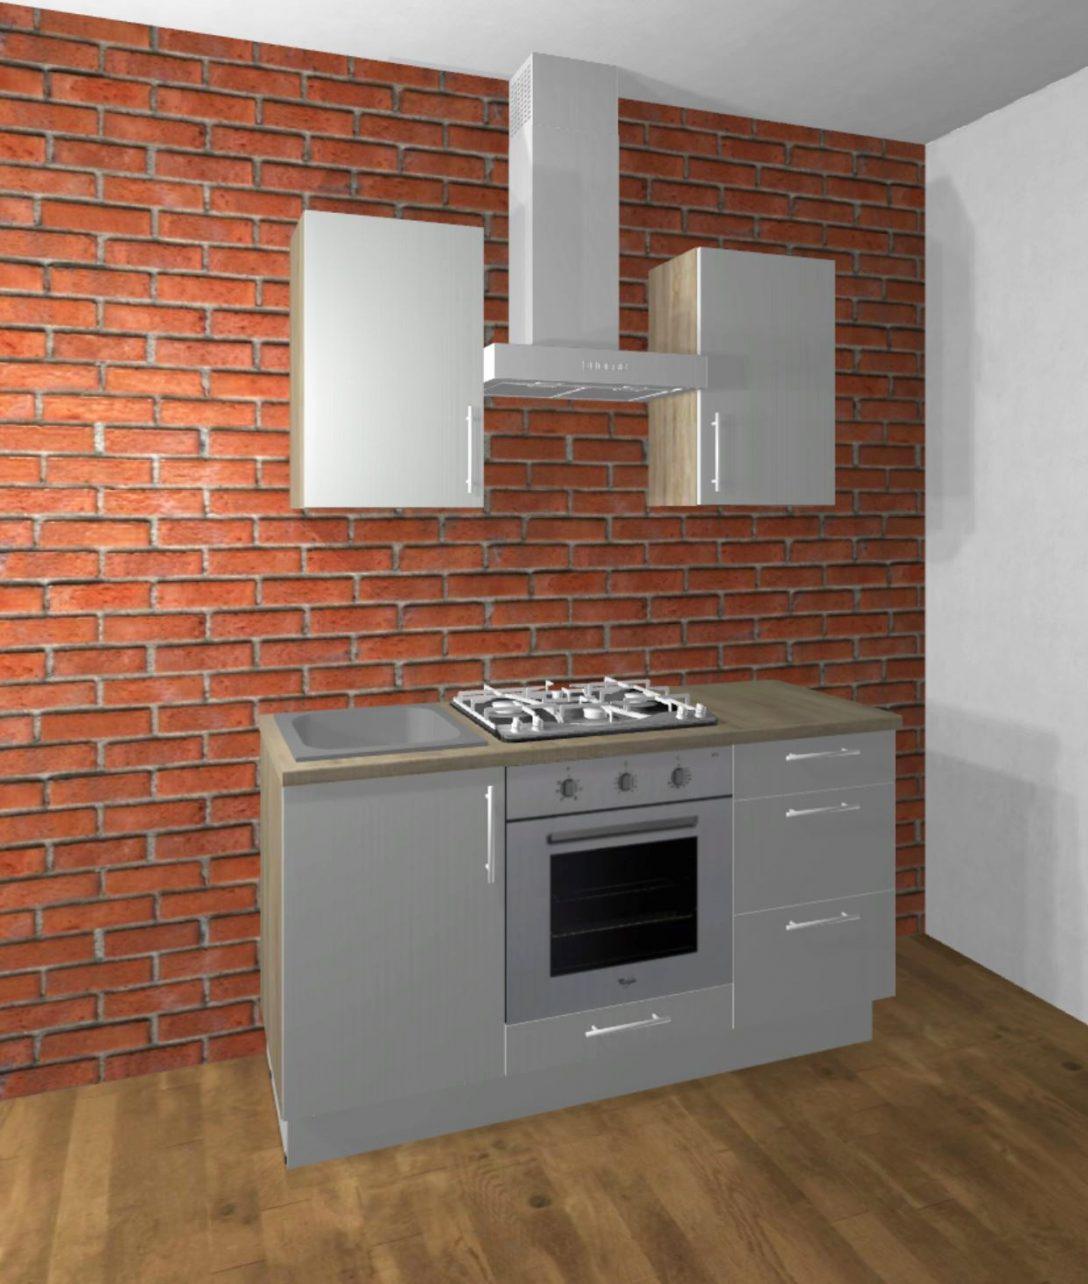 Large Size of Stengel Miniküche Aluminium Verbundplatte Küche Bett Minimalistisch Ikea Mini Pool Garten Fenster Minion Mit Kühlschrank Wohnzimmer Mini Küchenzeile